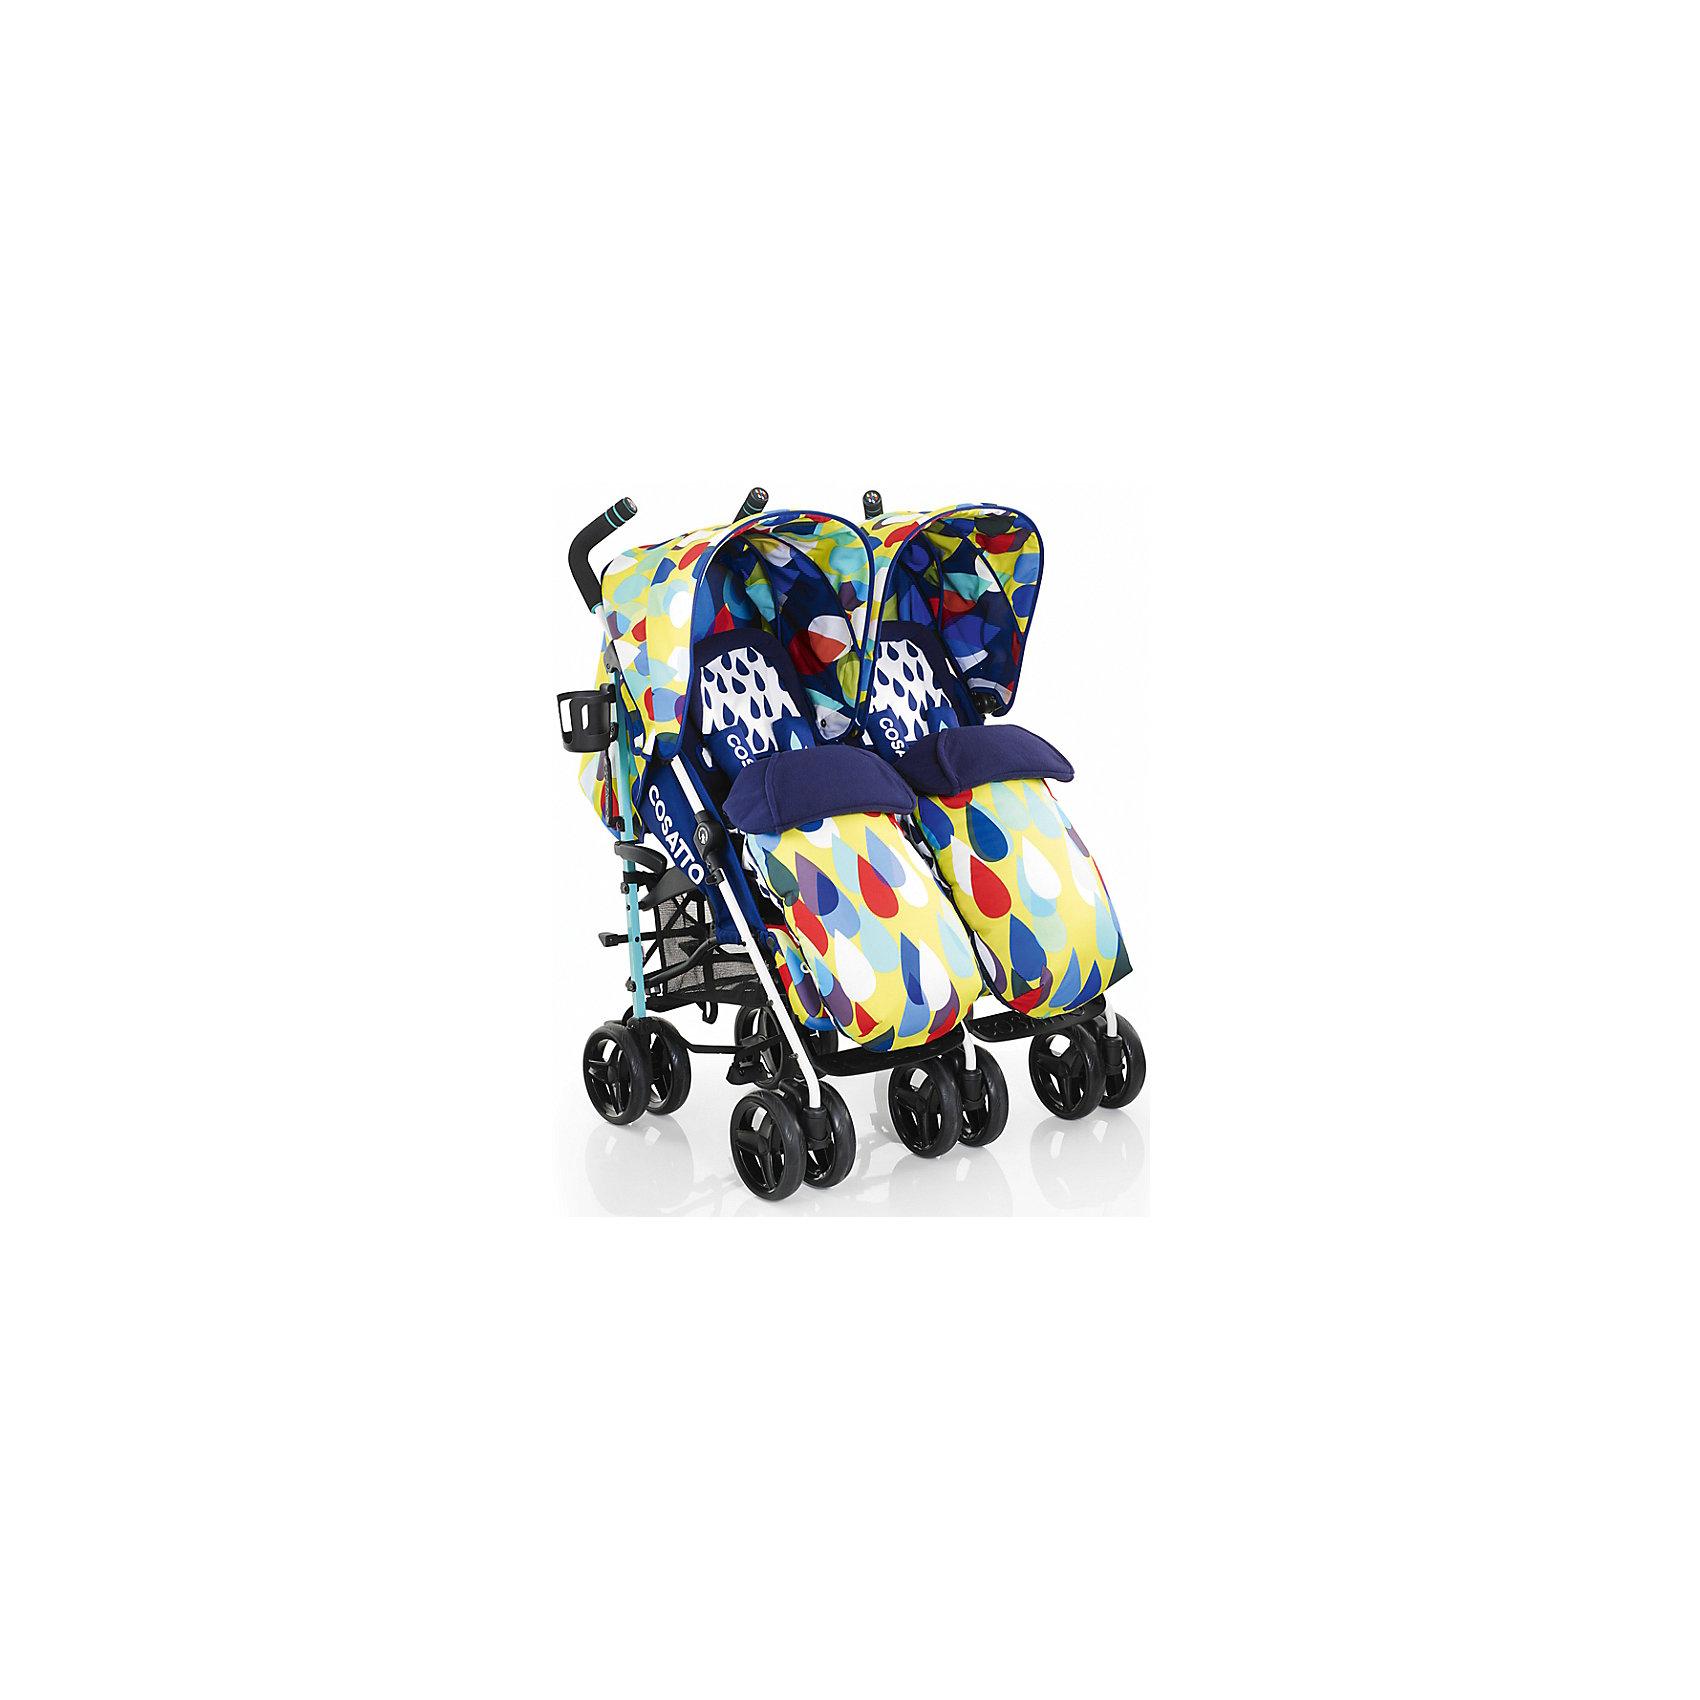 Коляска-трость для двойни To&amp;Fro Duo/Twin, Cosatto, Pitter PatterХарактеристики коляски для двойни Cosatto To&amp;Fro Duo Twin:<br> <br>• возможность использовать коляску-трость как прогулочную коляску и коляску-люльку;<br>• трансформация прогулки в люльку понятная и несложная, специальные матрасики-конверты делают спальные места в люльках ровным – для новорожденных;<br>• подголовники в люльках помогает фиксировать головки малышей;<br>• входящие в комплект адаптеры позволяют установить на шасси коляски автокресла группы 0+ Cosatto Hold (приобретаются отдельно).<br><br>Прогулочные блоки:<br><br>• расположение прогулочных блоков: параллельно;<br>• регулируемый наклон спинок коляски: 3 положения, почти до положения «лежа»;<br>• 5-ти точечные ремни безопасности с мягкими накладками, регулируются по высоте и длине;<br>• регулируемые подножки: 2 положения;<br>• капюшоны коляски оснащены солнцезащитными козырьками, смотровыми окошками и потайными карманами для мелочей;<br>• смотровые окошки находятся под клапанами на магните;<br>• капюшоны крепятся к раме коляски с помощью липучек;<br>• материал: пластик, полиэстер.<br><br>Люльки, которые трансформируются из прогулочных блоков:<br><br>• ровное дно, основание прогулочного блока не создает угла;<br>• 4-х сторонний матрас-конверт с накидкой и подголовником;<br>• капюшон переставляется на другую сторону, благодаря чему люльки на шасси находятся в положении «лицом к маме».<br><br>Шасси коляски: <br><br>• механизм складывания: трость;<br>• автоматический фиксатор от раскладывания, когда рама находится в сложенном состоянии;<br>• рама стоит в вертикальном положении, когда сложена, на колесах и специальной подножке;<br>• 6 пар сдвоенных колес, передние поворотные с блокировкой, задние оснащены стояночным тормозом;<br>• ручки коляски регулируются по высоте, 2 положения;<br>• материал рамы: алюминий;<br>• материал колес: ПВХ.<br><br>Размер коляски: 75х75х106 см<br>Вес коляски: 19 кг<br>Ширина колесной базы: 75 см<br>Длина спальн